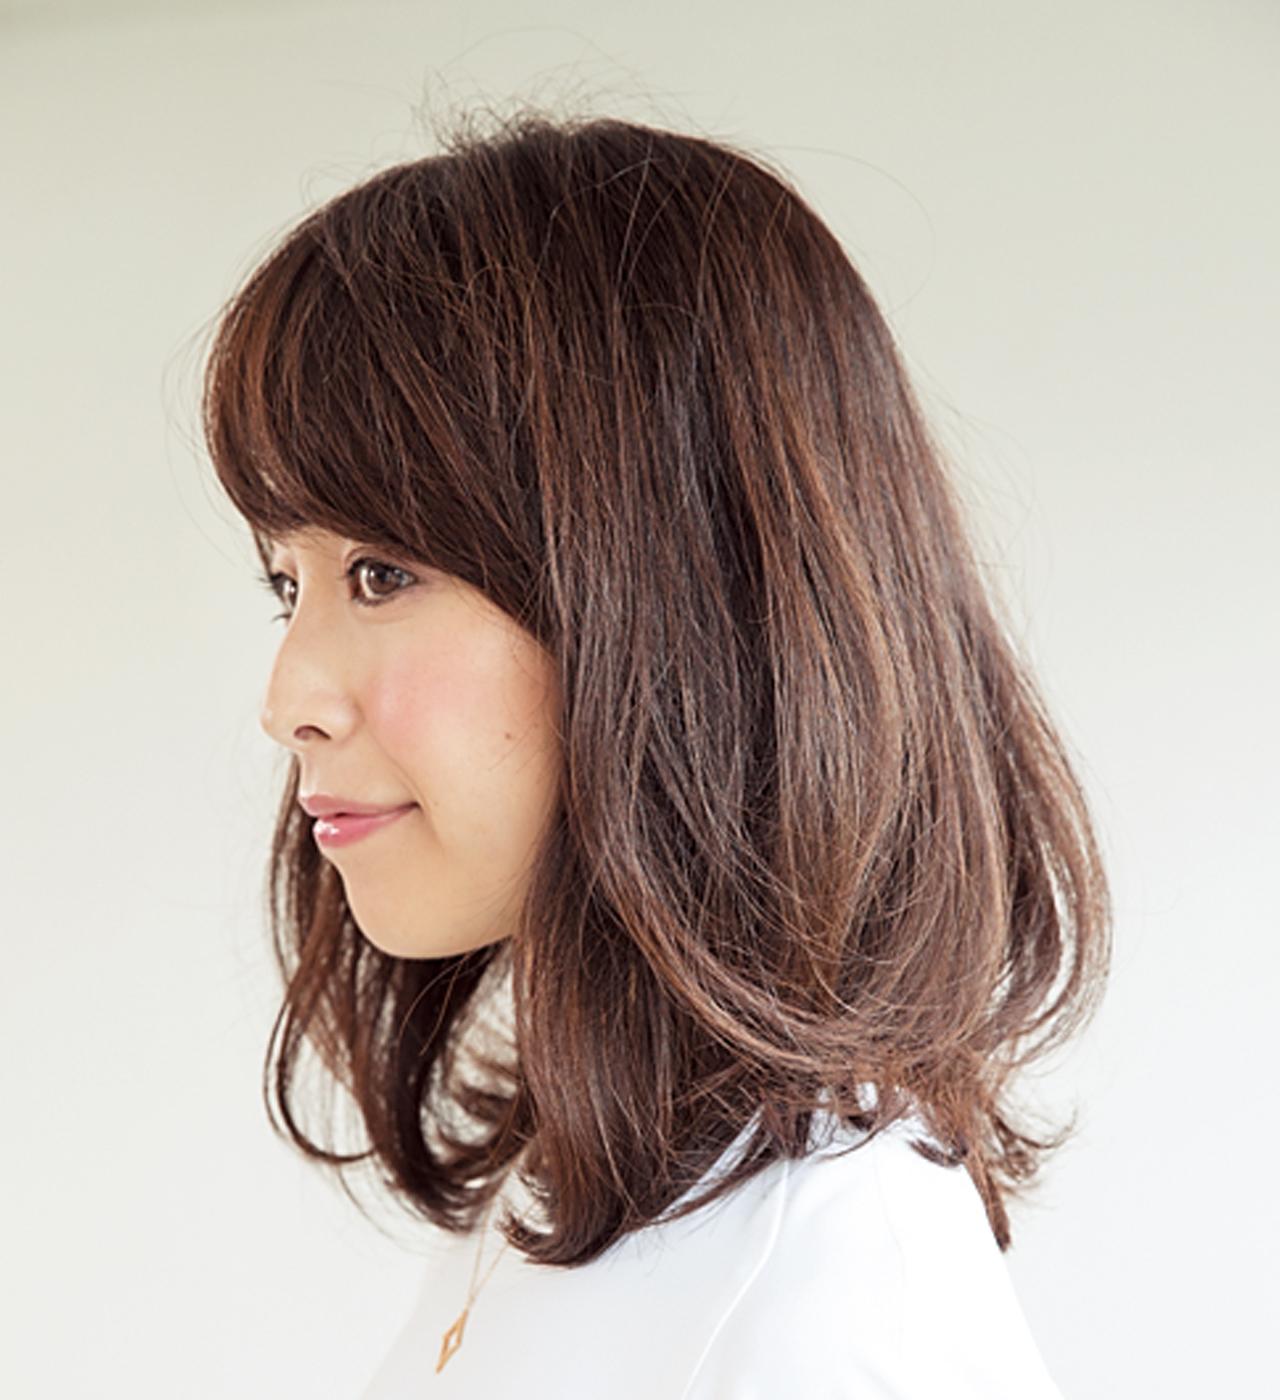 若見え効果抜群!丸みのある前髪で表情まで柔らかに【40代のミディアムヘア】_1_2